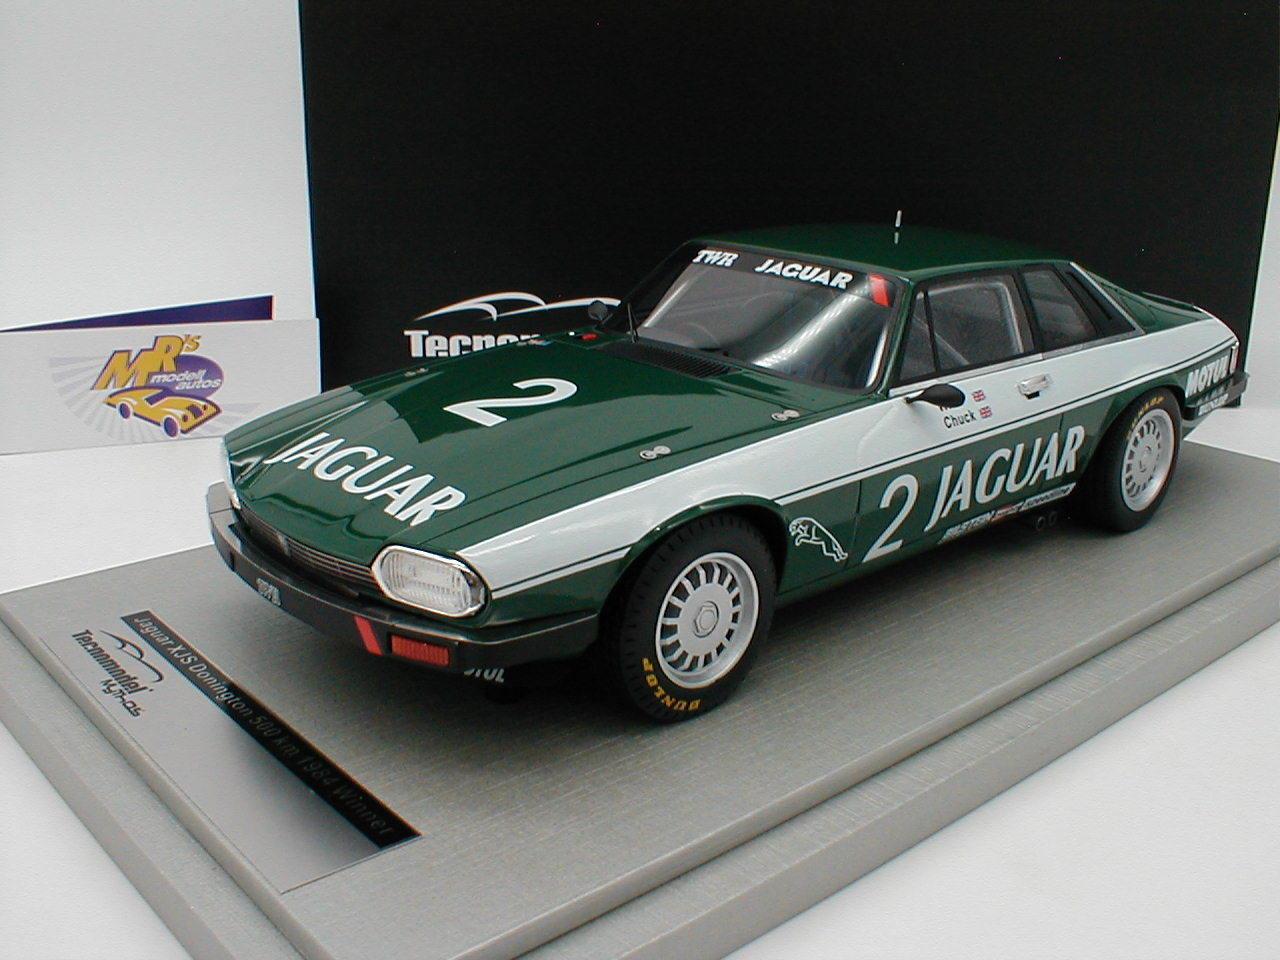 TECNOMODEL tm18-107d - Jaguar XJS XJS XJS No. 2 cet traité Donington Winner 1984 1 18 nouveauté c54208